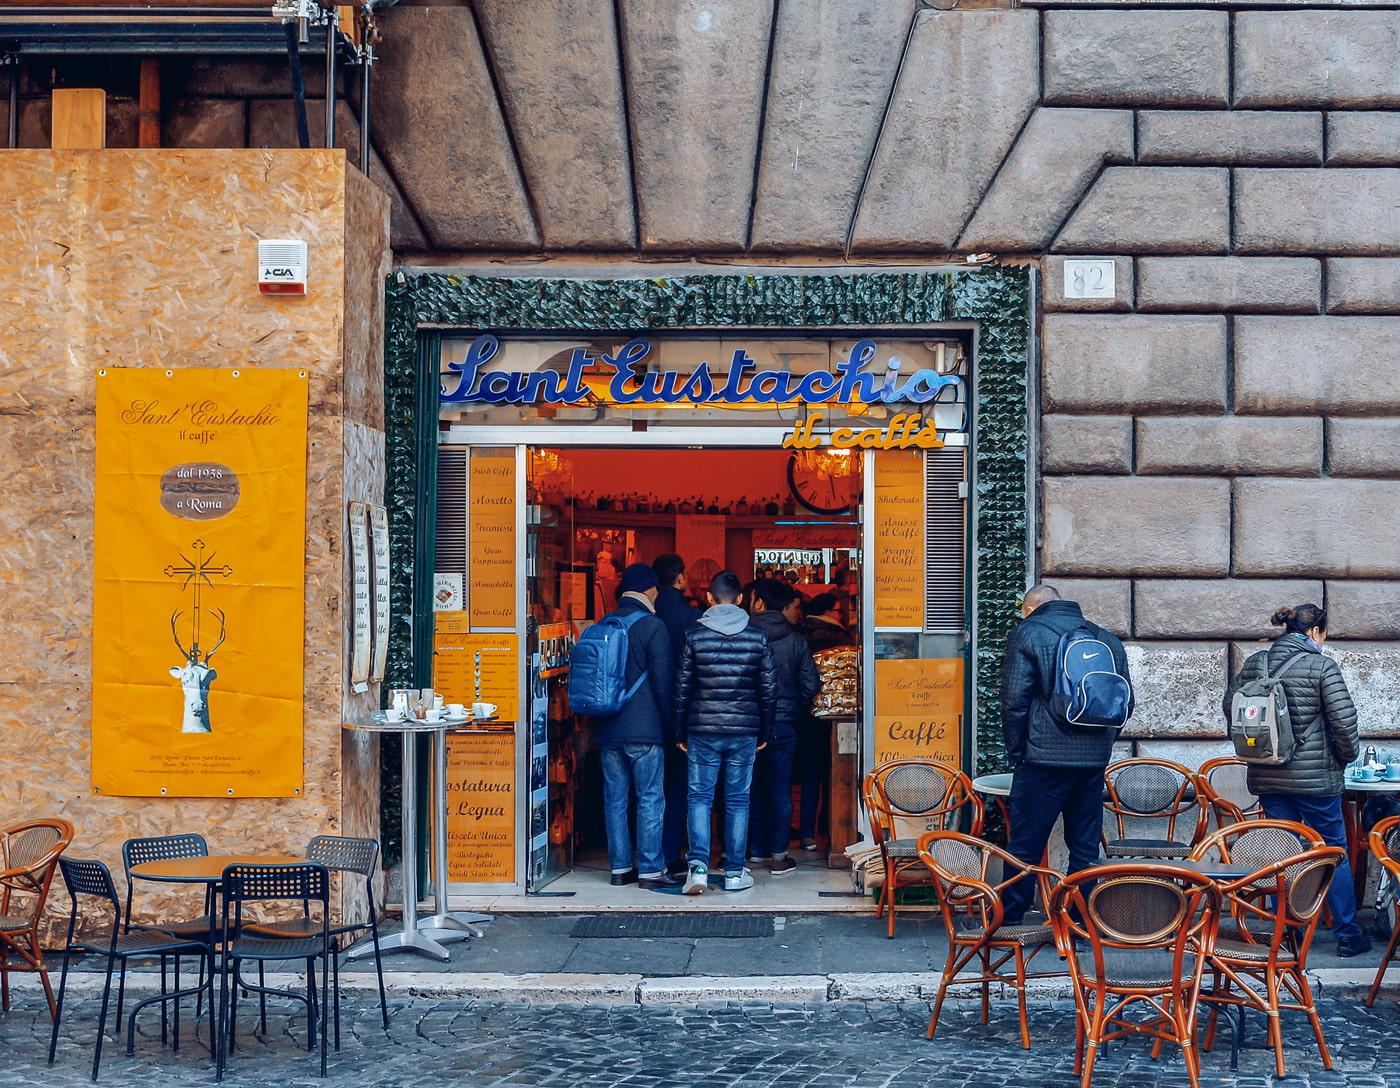 Sant' Eustachio Il Caffè, Rome